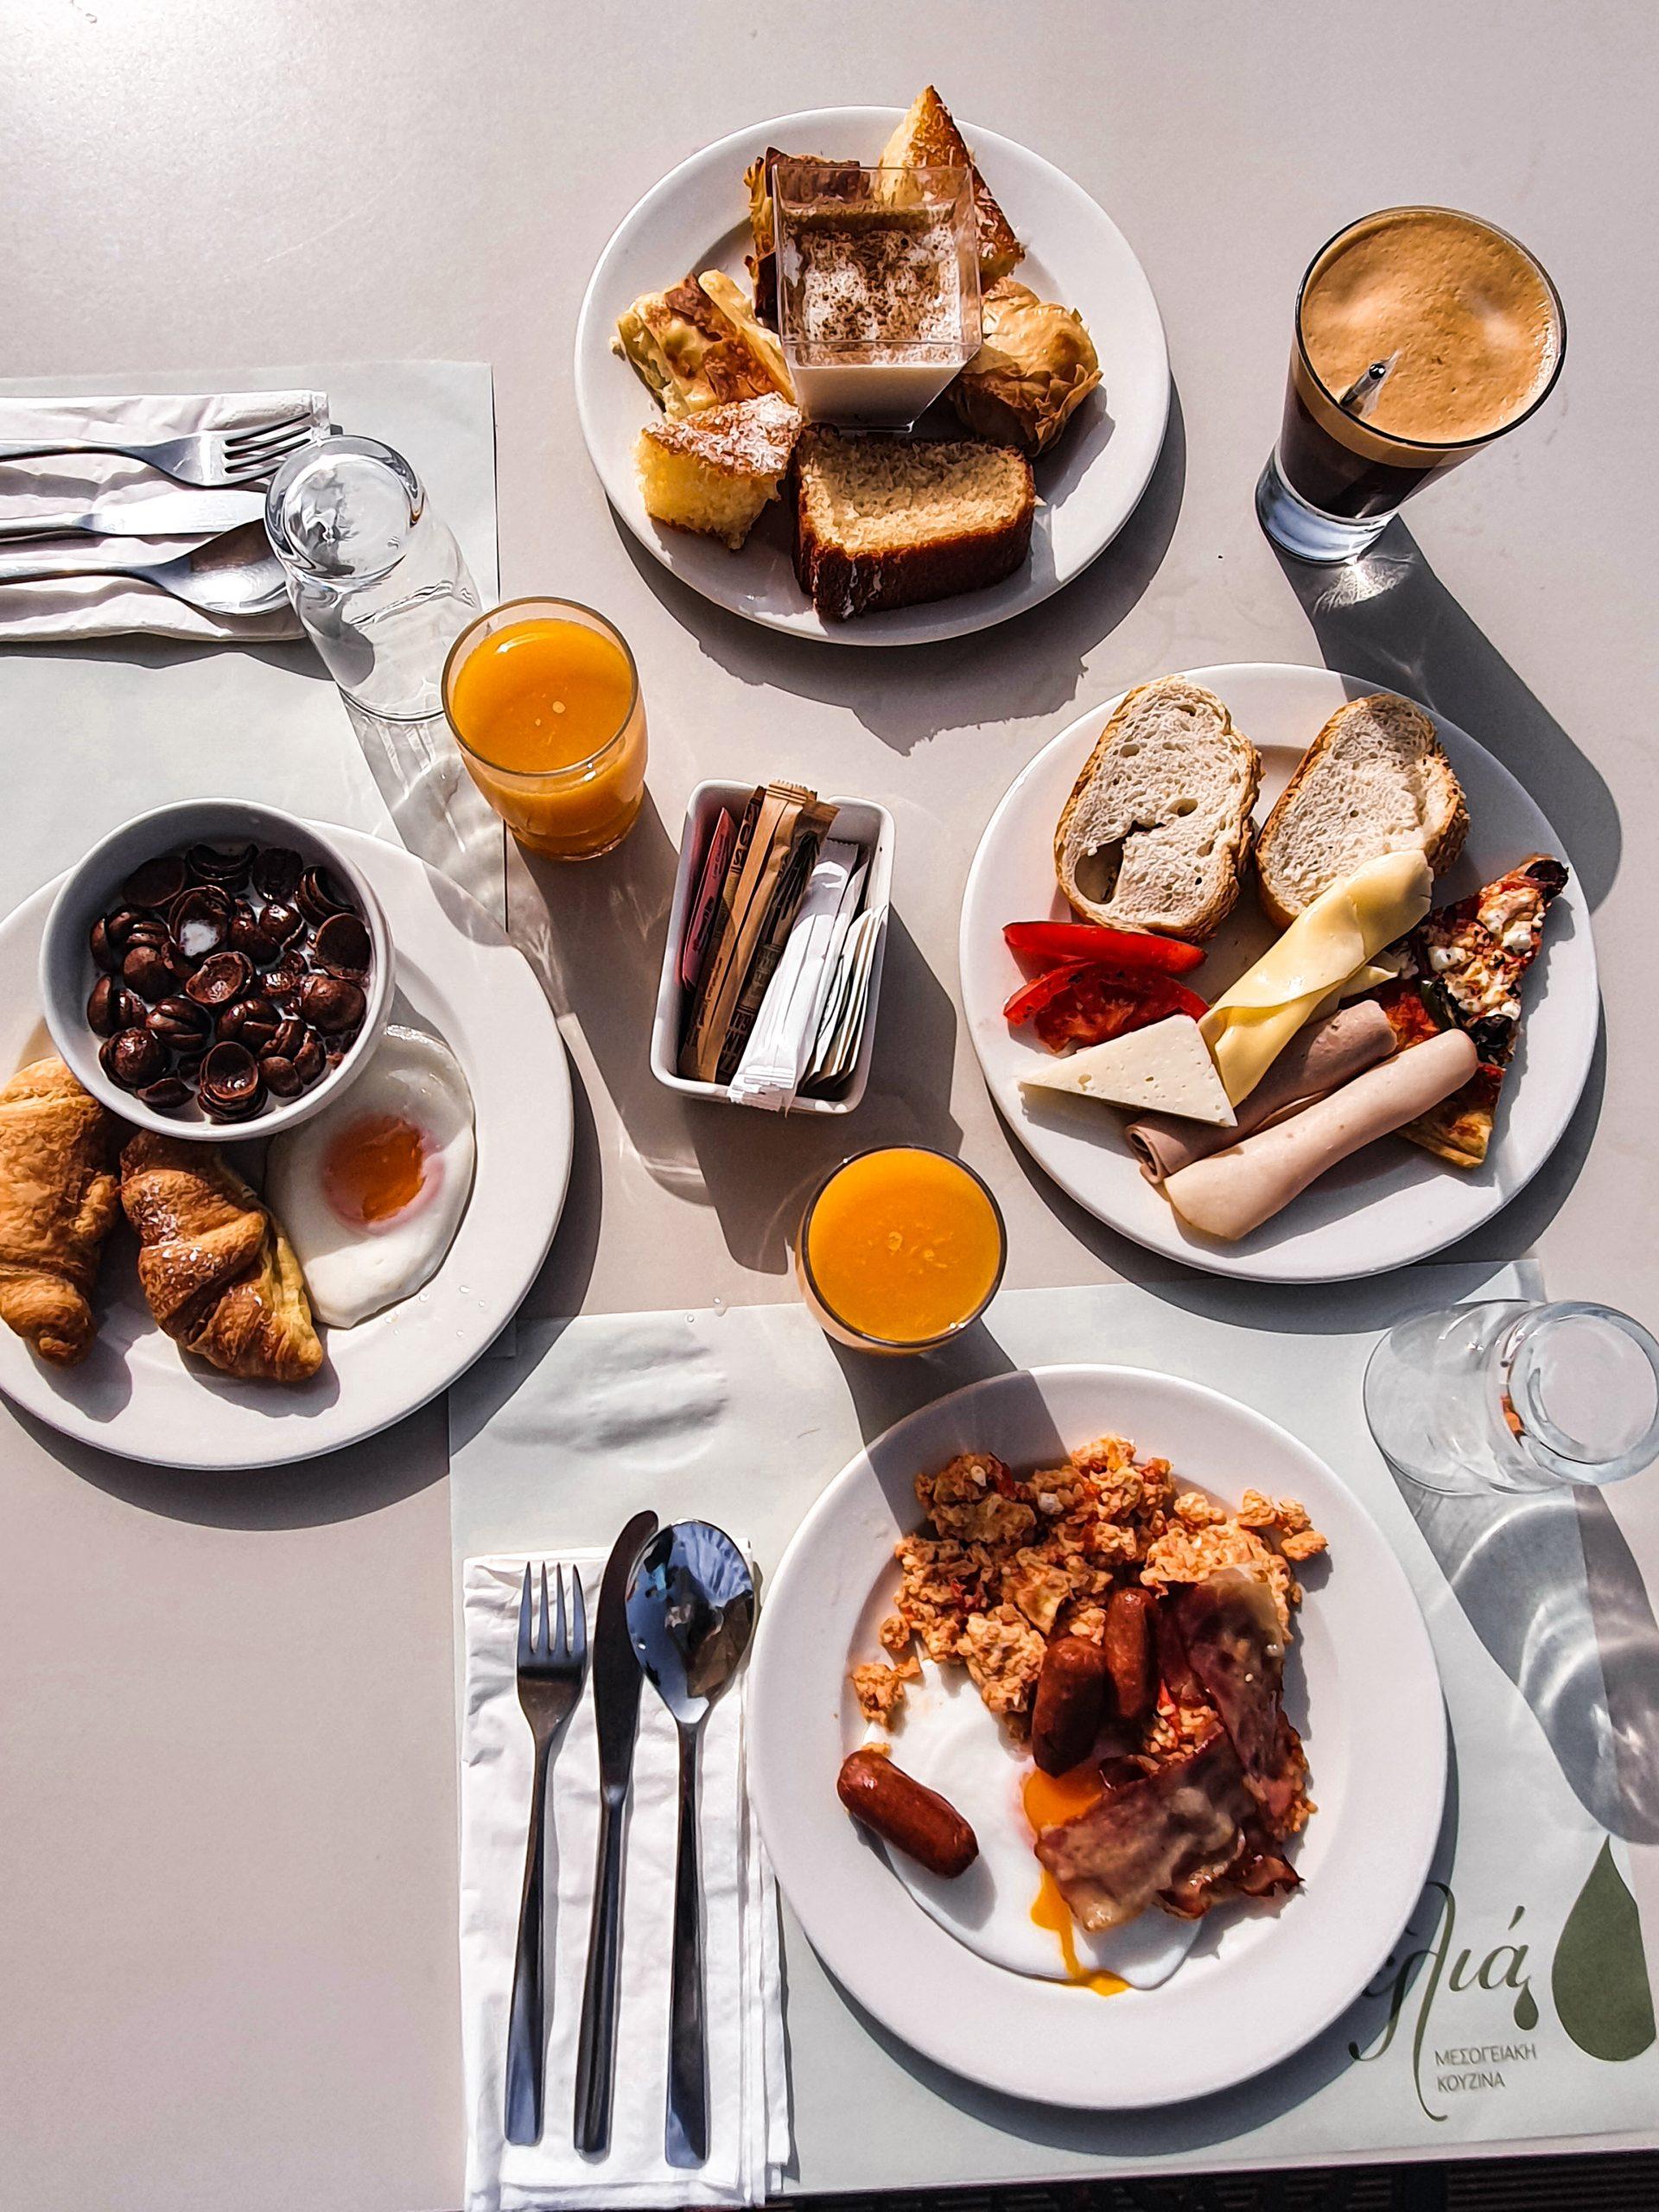 Alas Resort & Spa breakfast